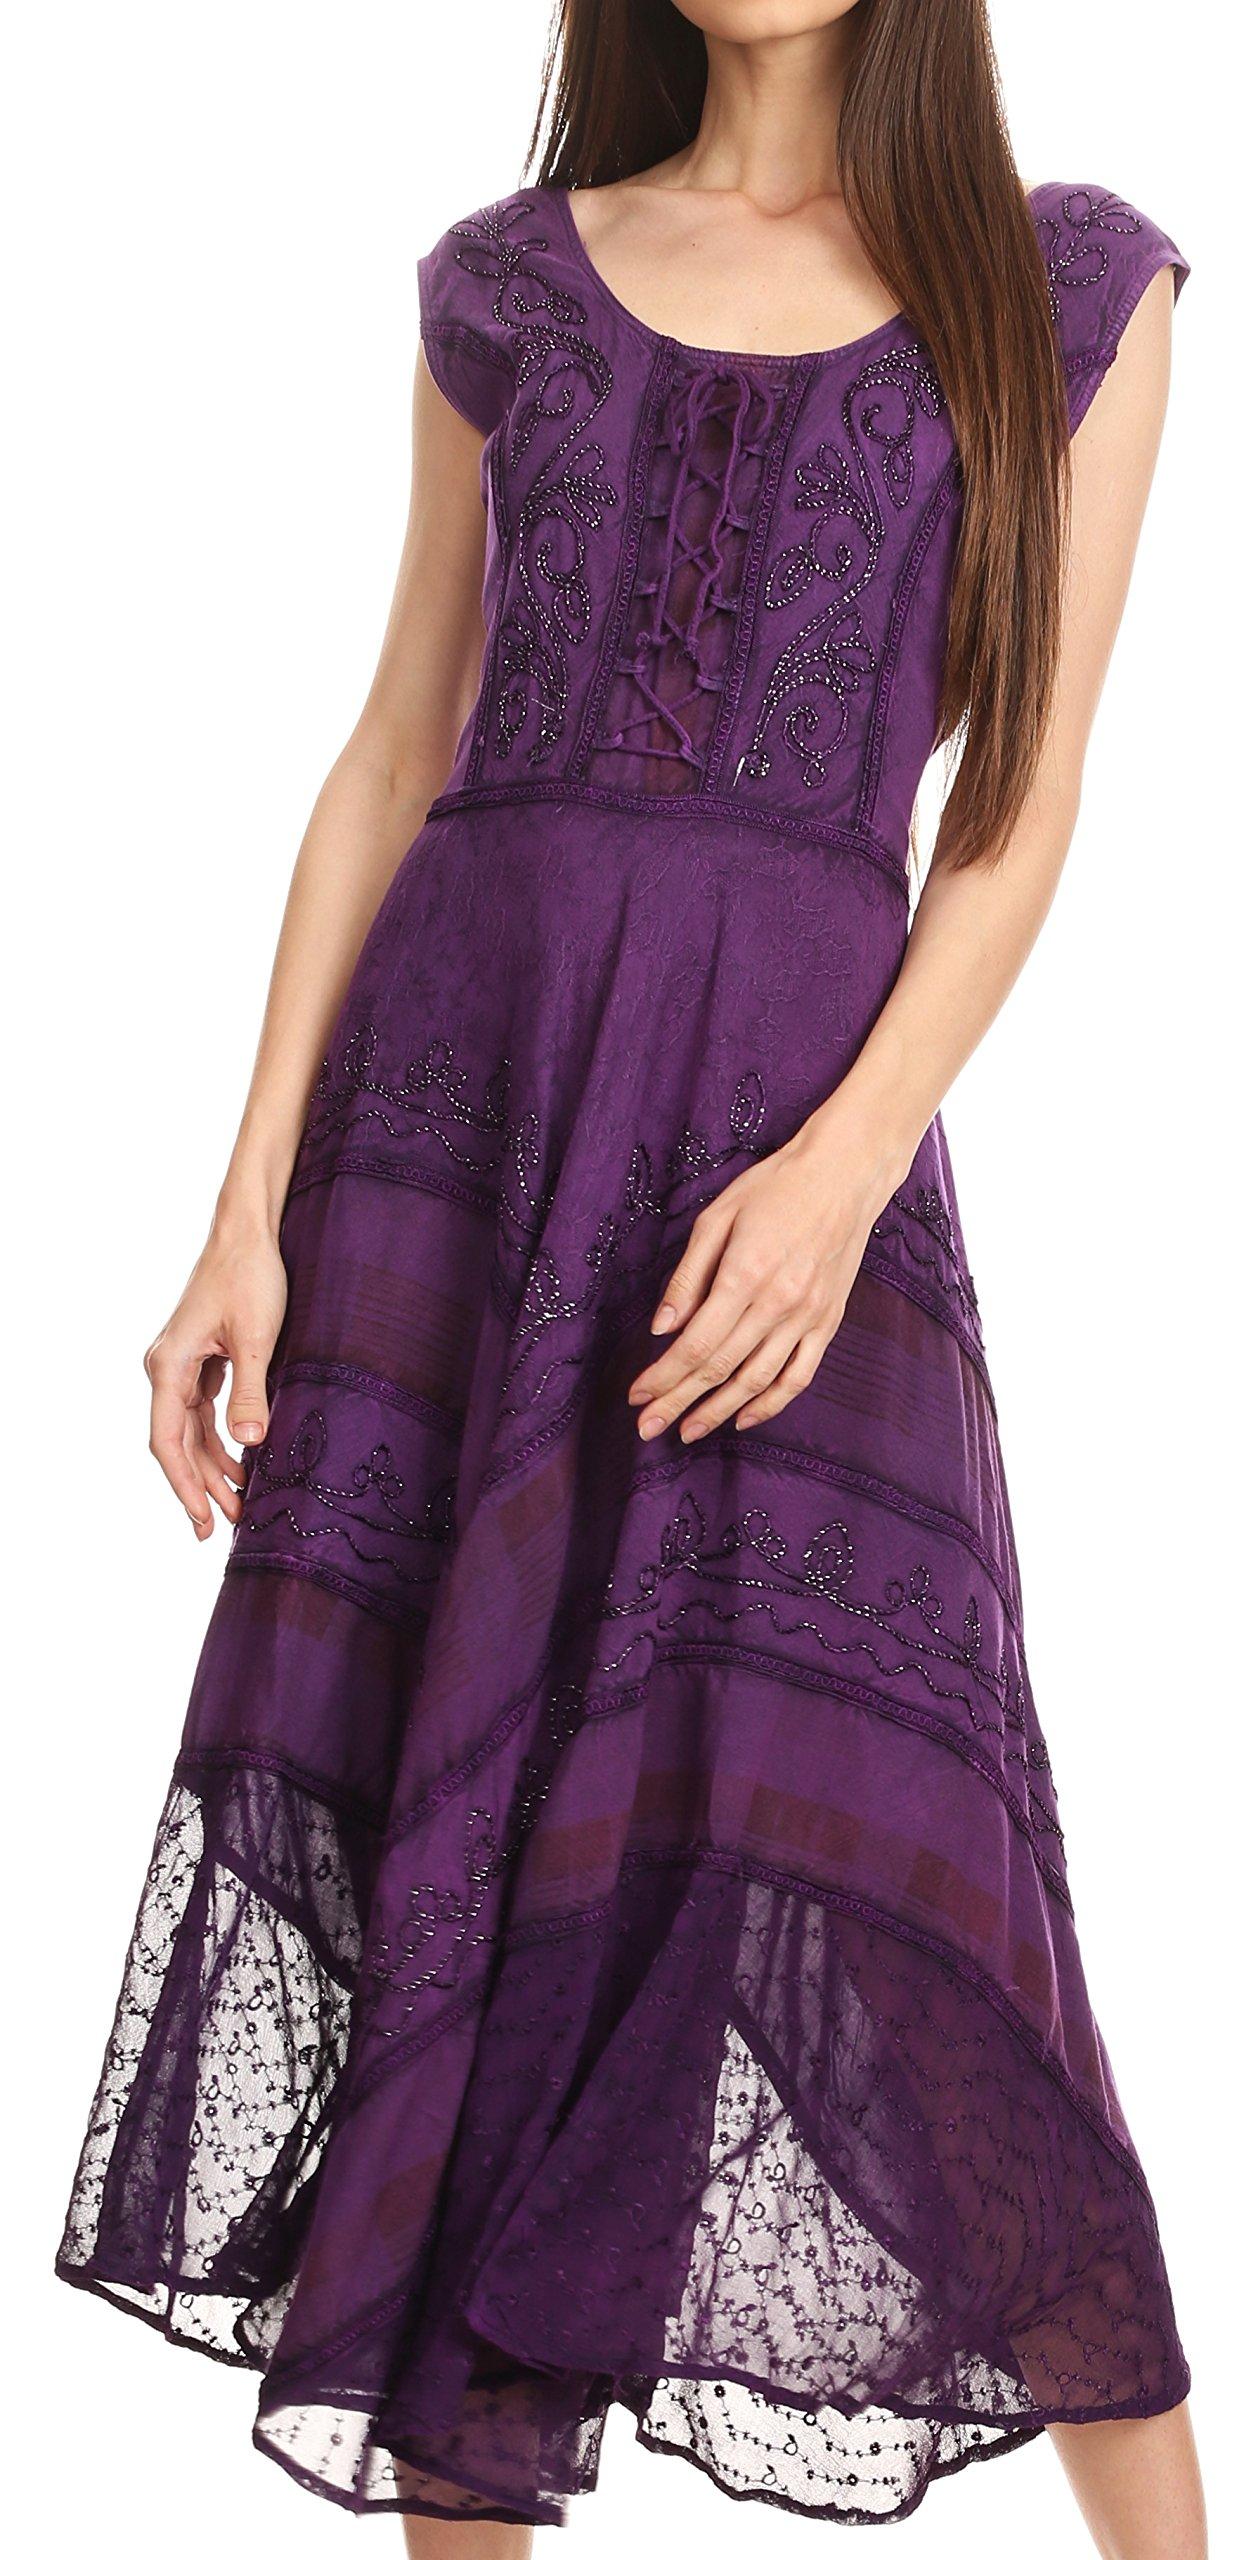 Sakkas 15322 - Azalea Stonewashed Rayon Embroidery Corset Style Dress - Purple - S/M